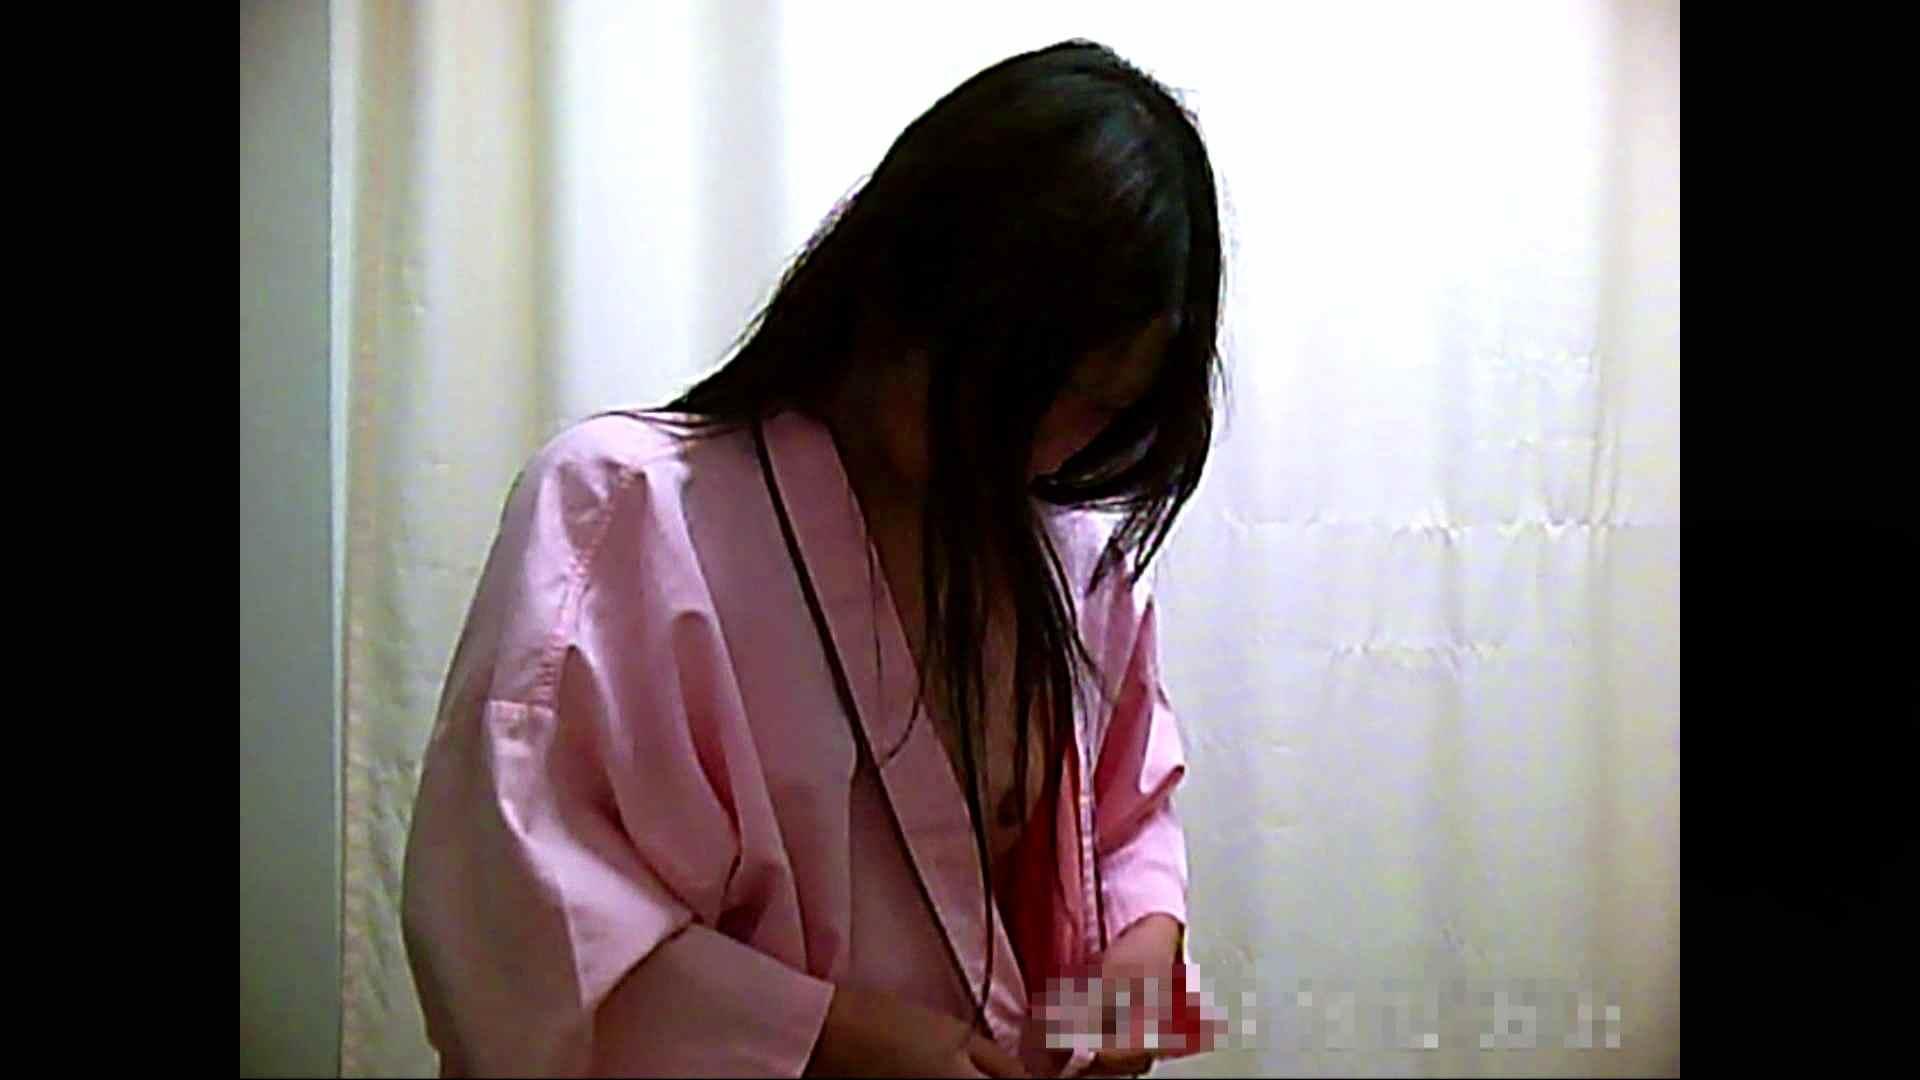 元医者による反抗 更衣室地獄絵巻 vol.015 エッチなOL  94枚 8